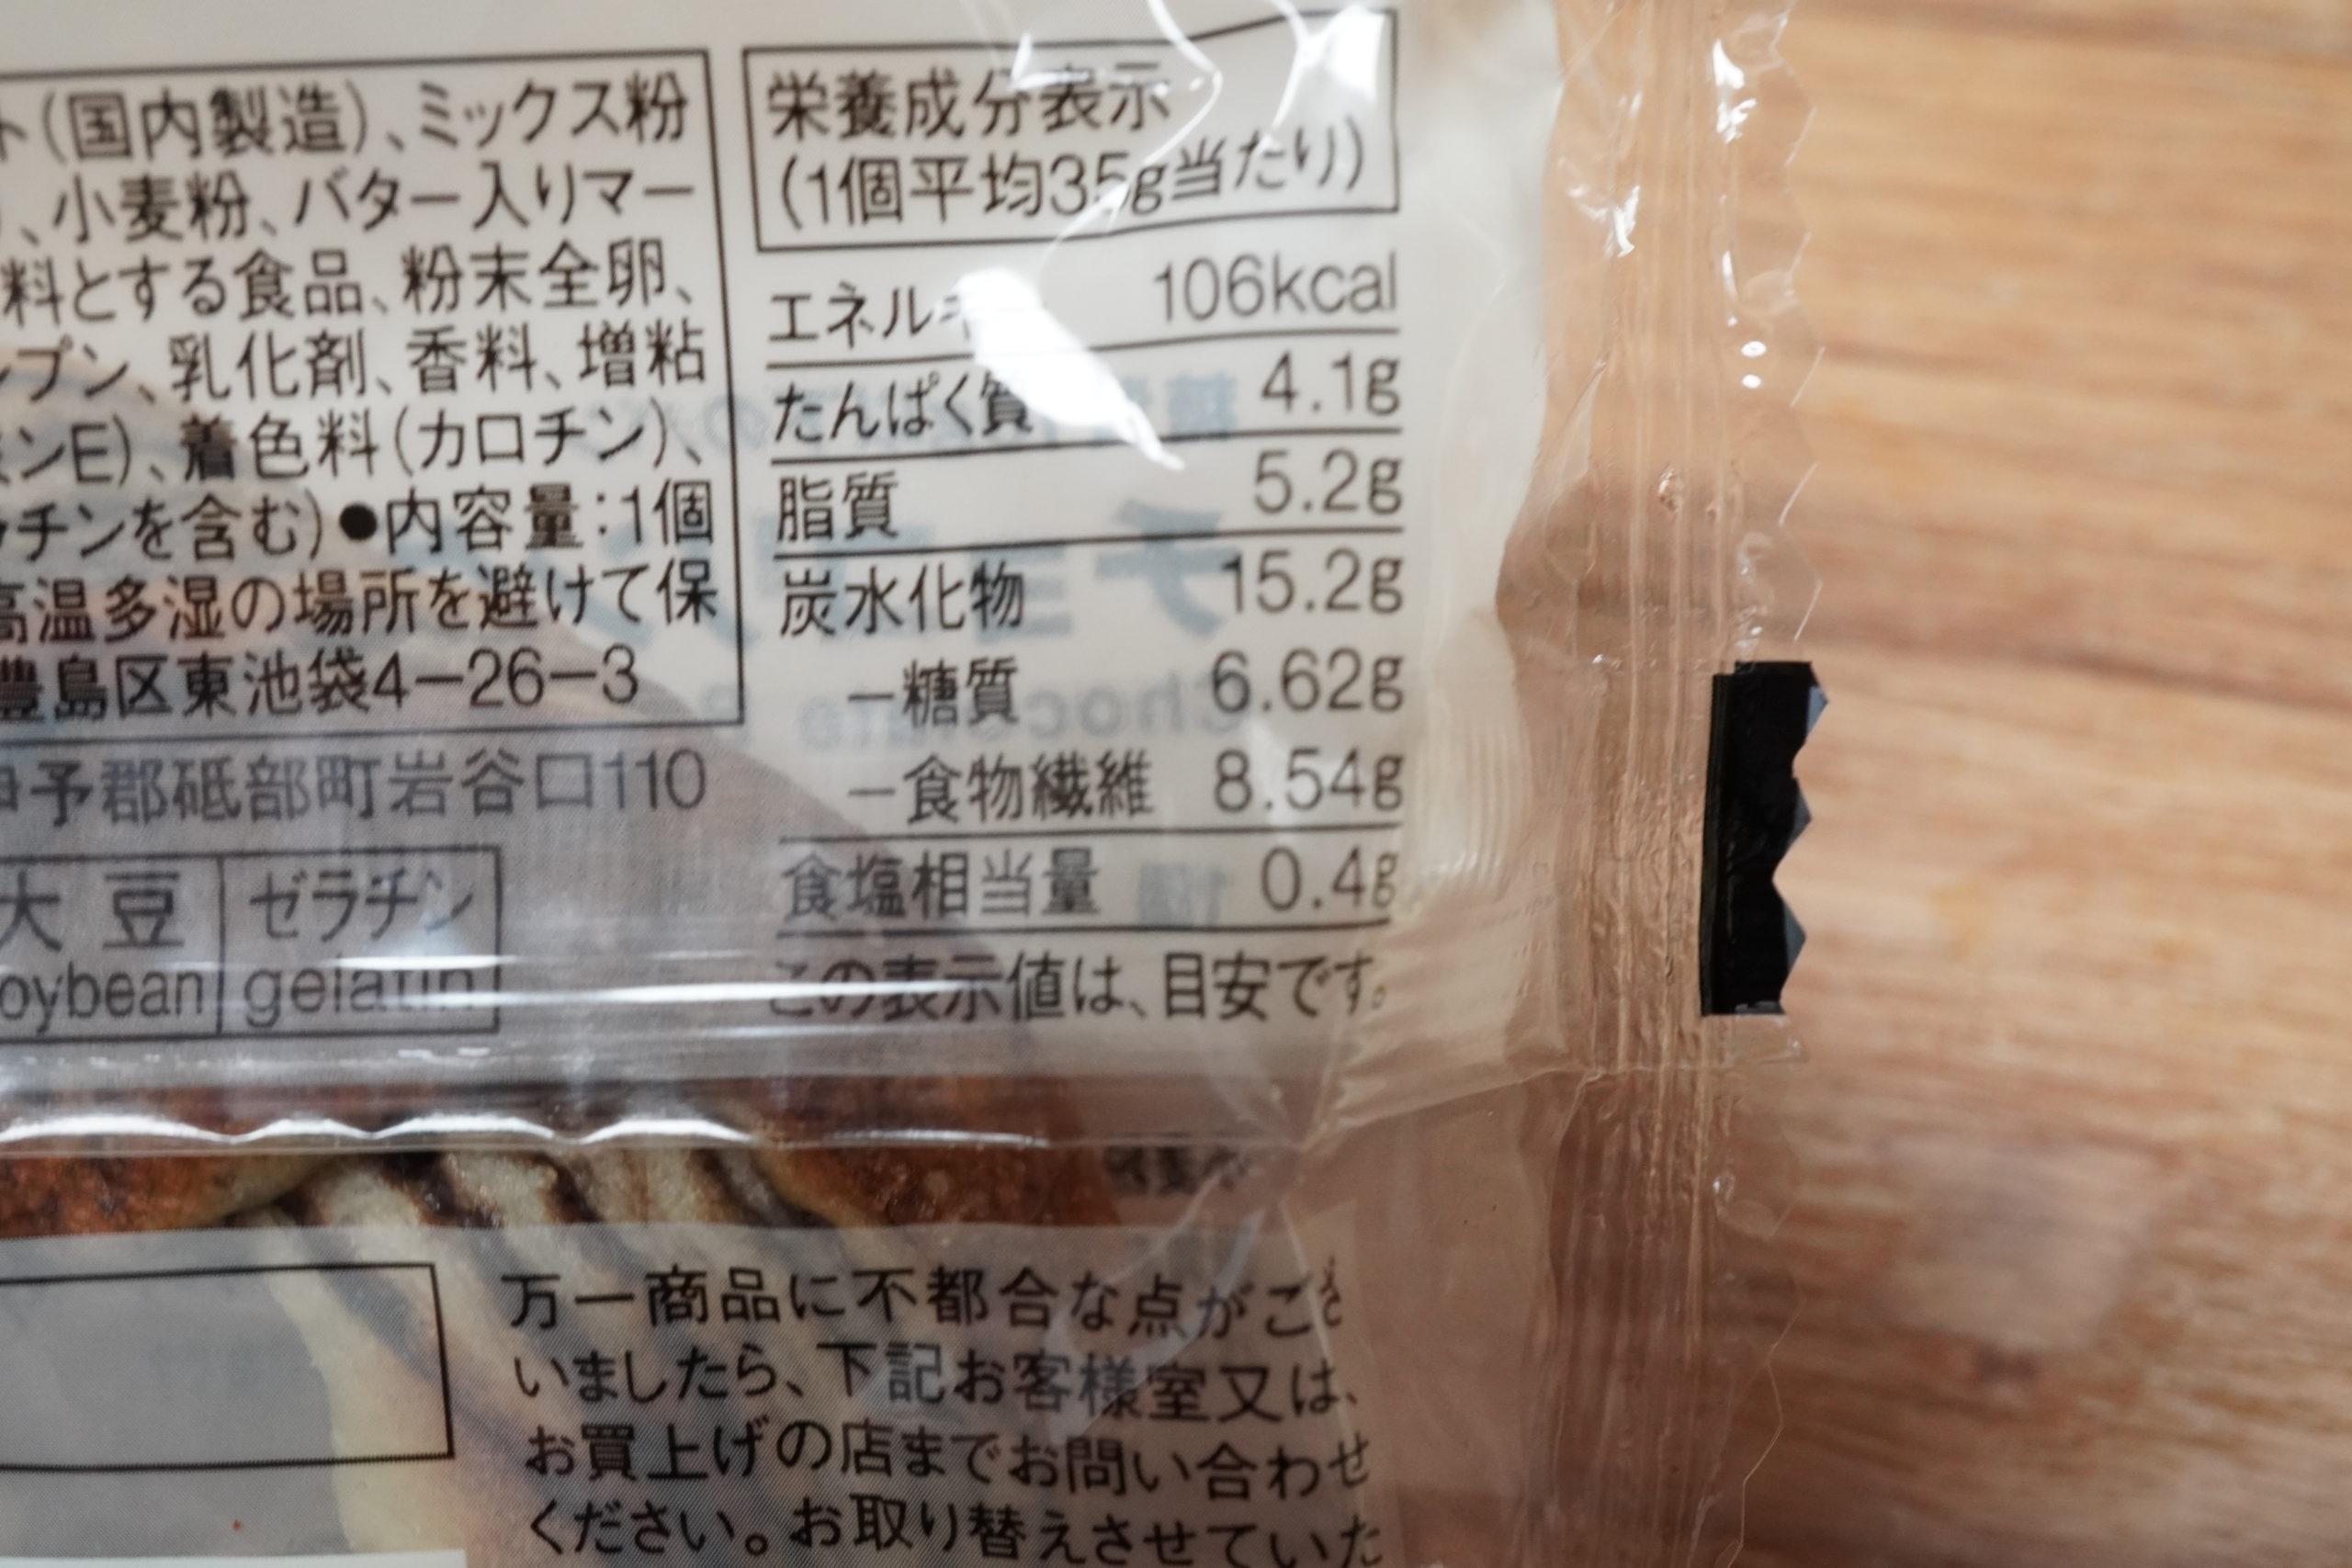 糖質10g以下のパン チョコリング